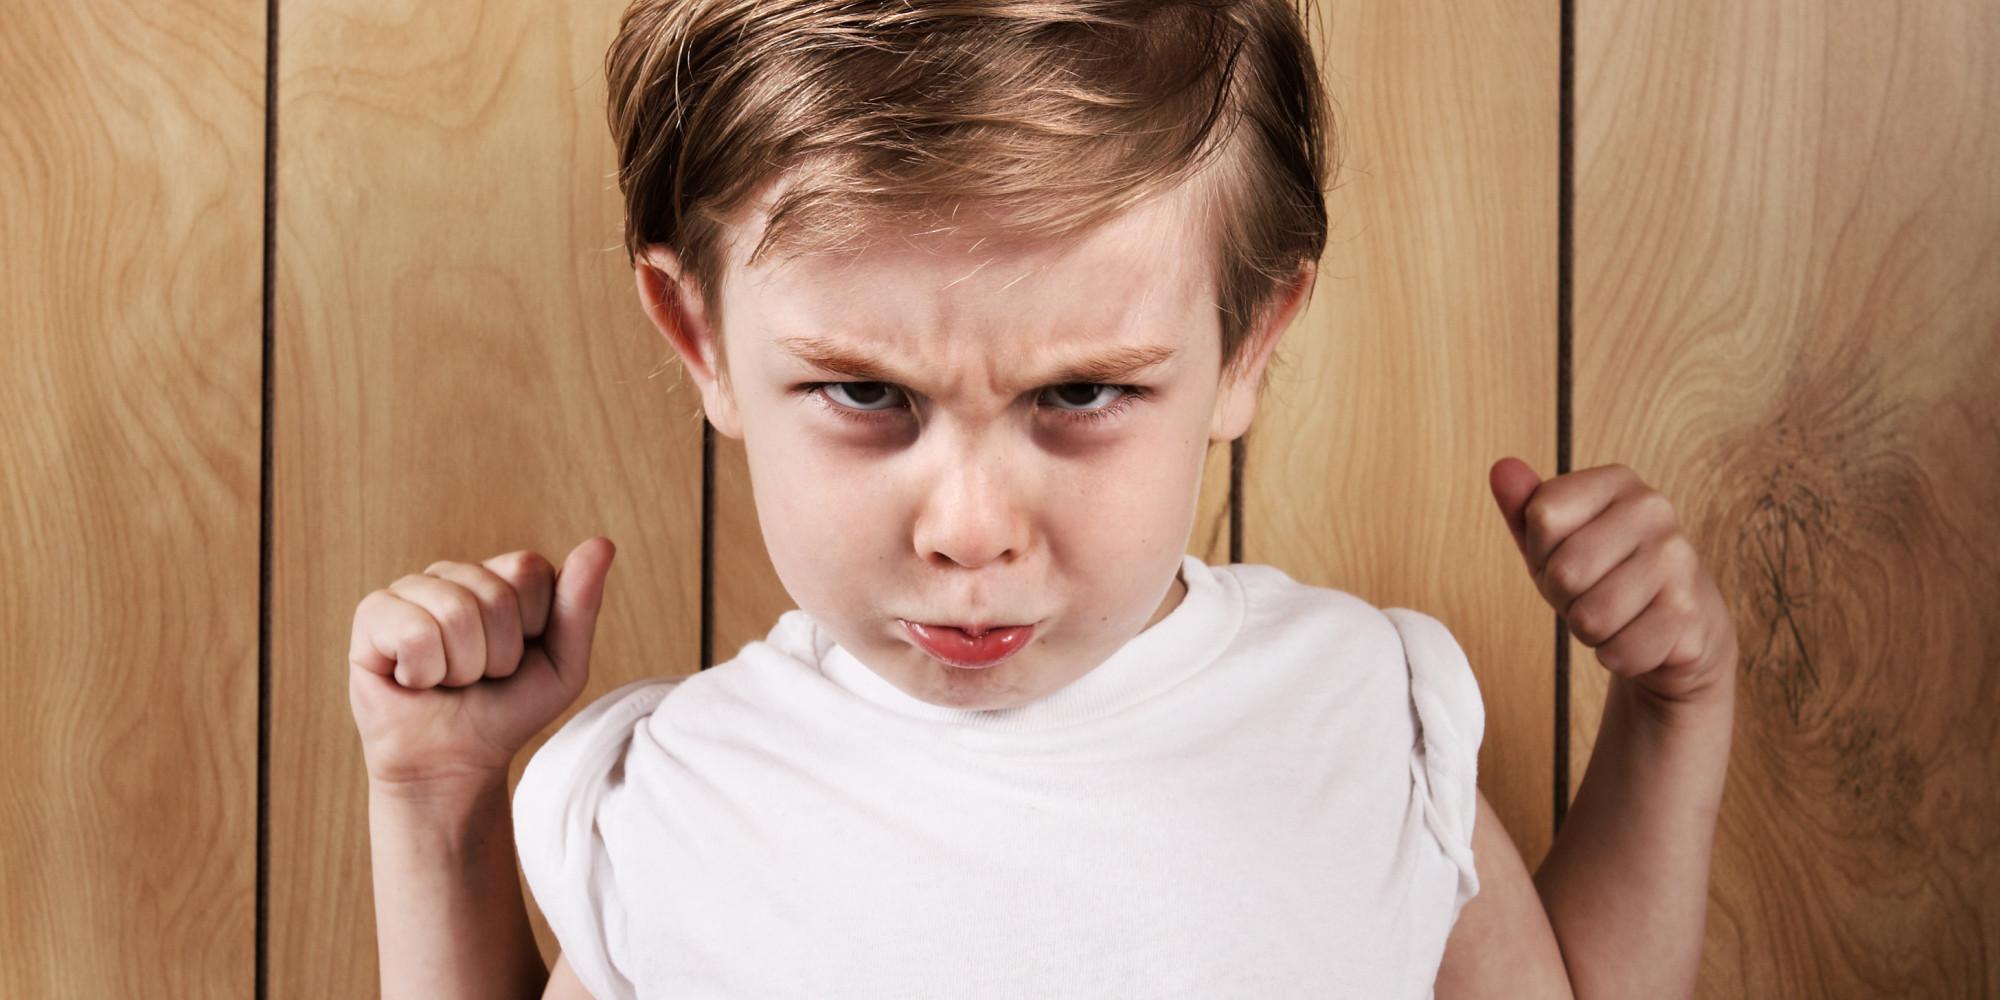 Ребенок часто нервничает что делать? - Школа профилактики 39